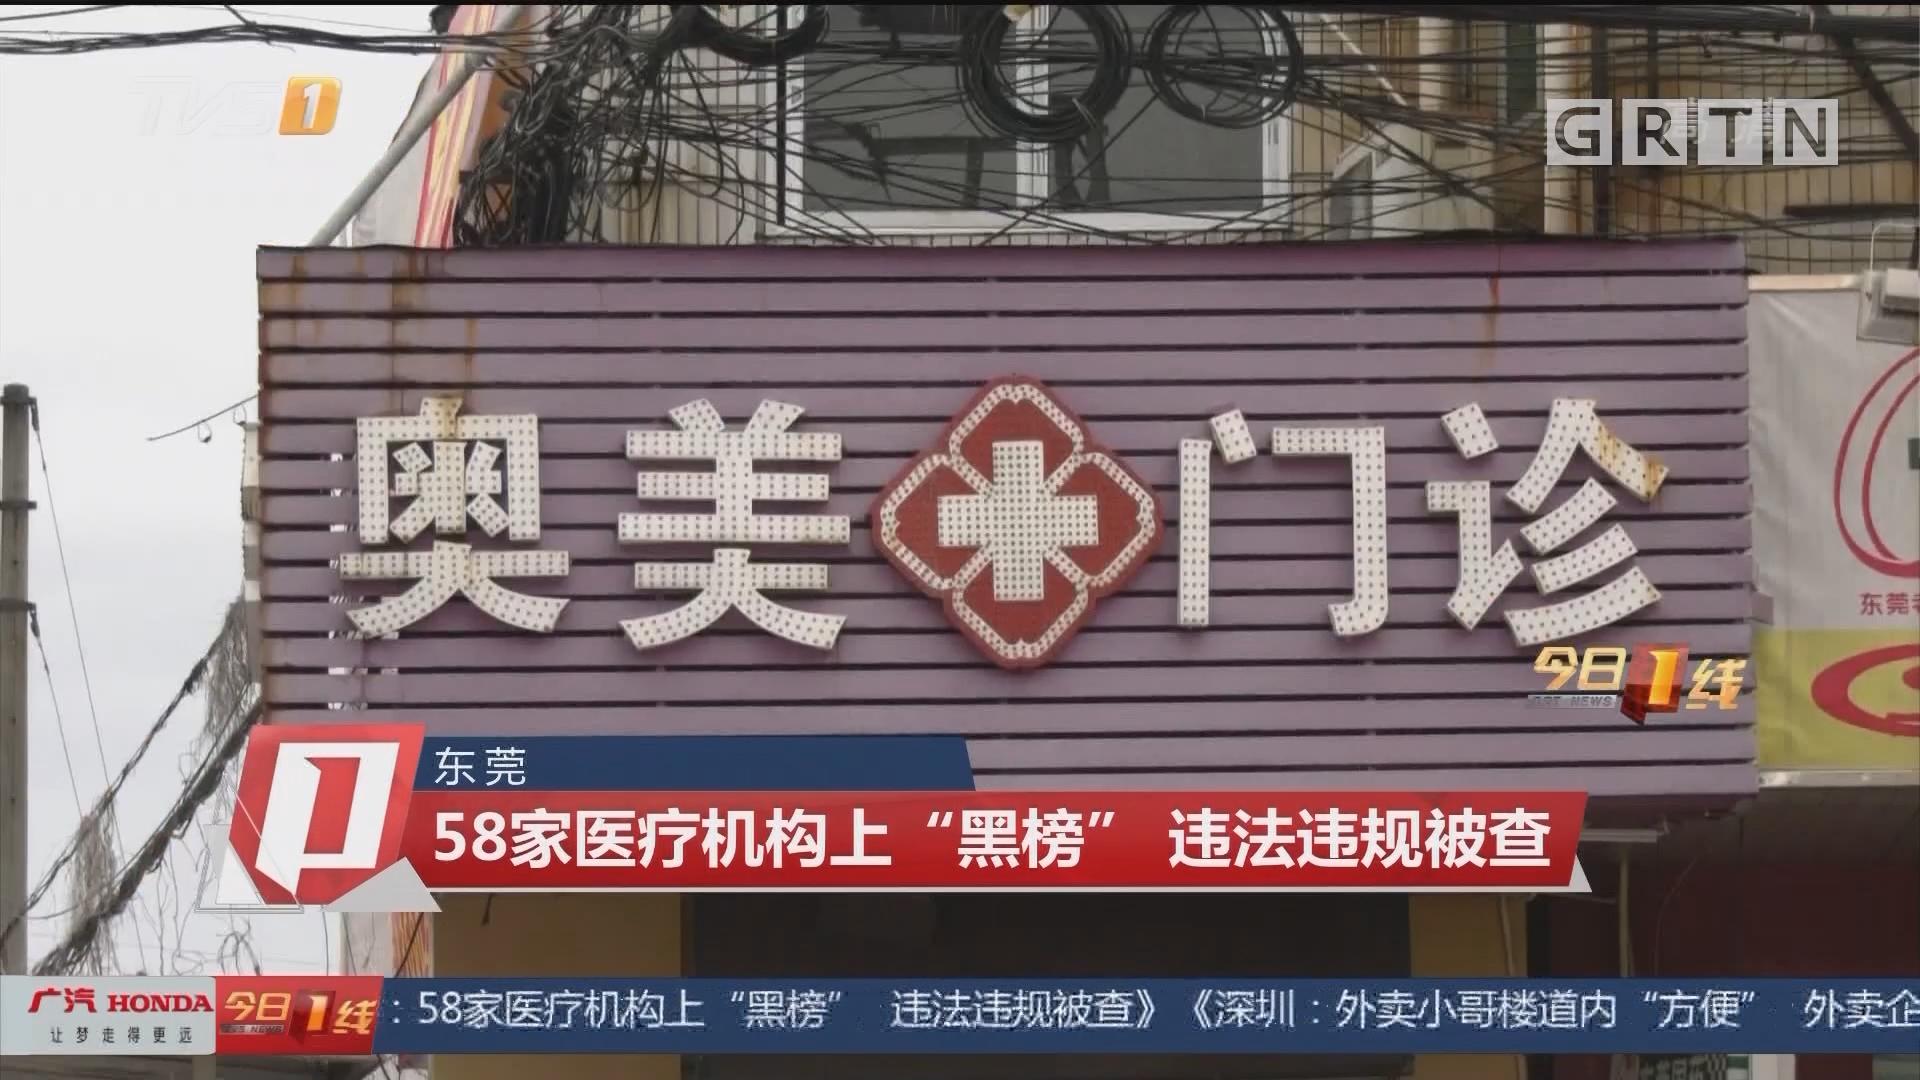 """东莞:58家医疗机构上""""黑榜"""" 违法违规被查"""